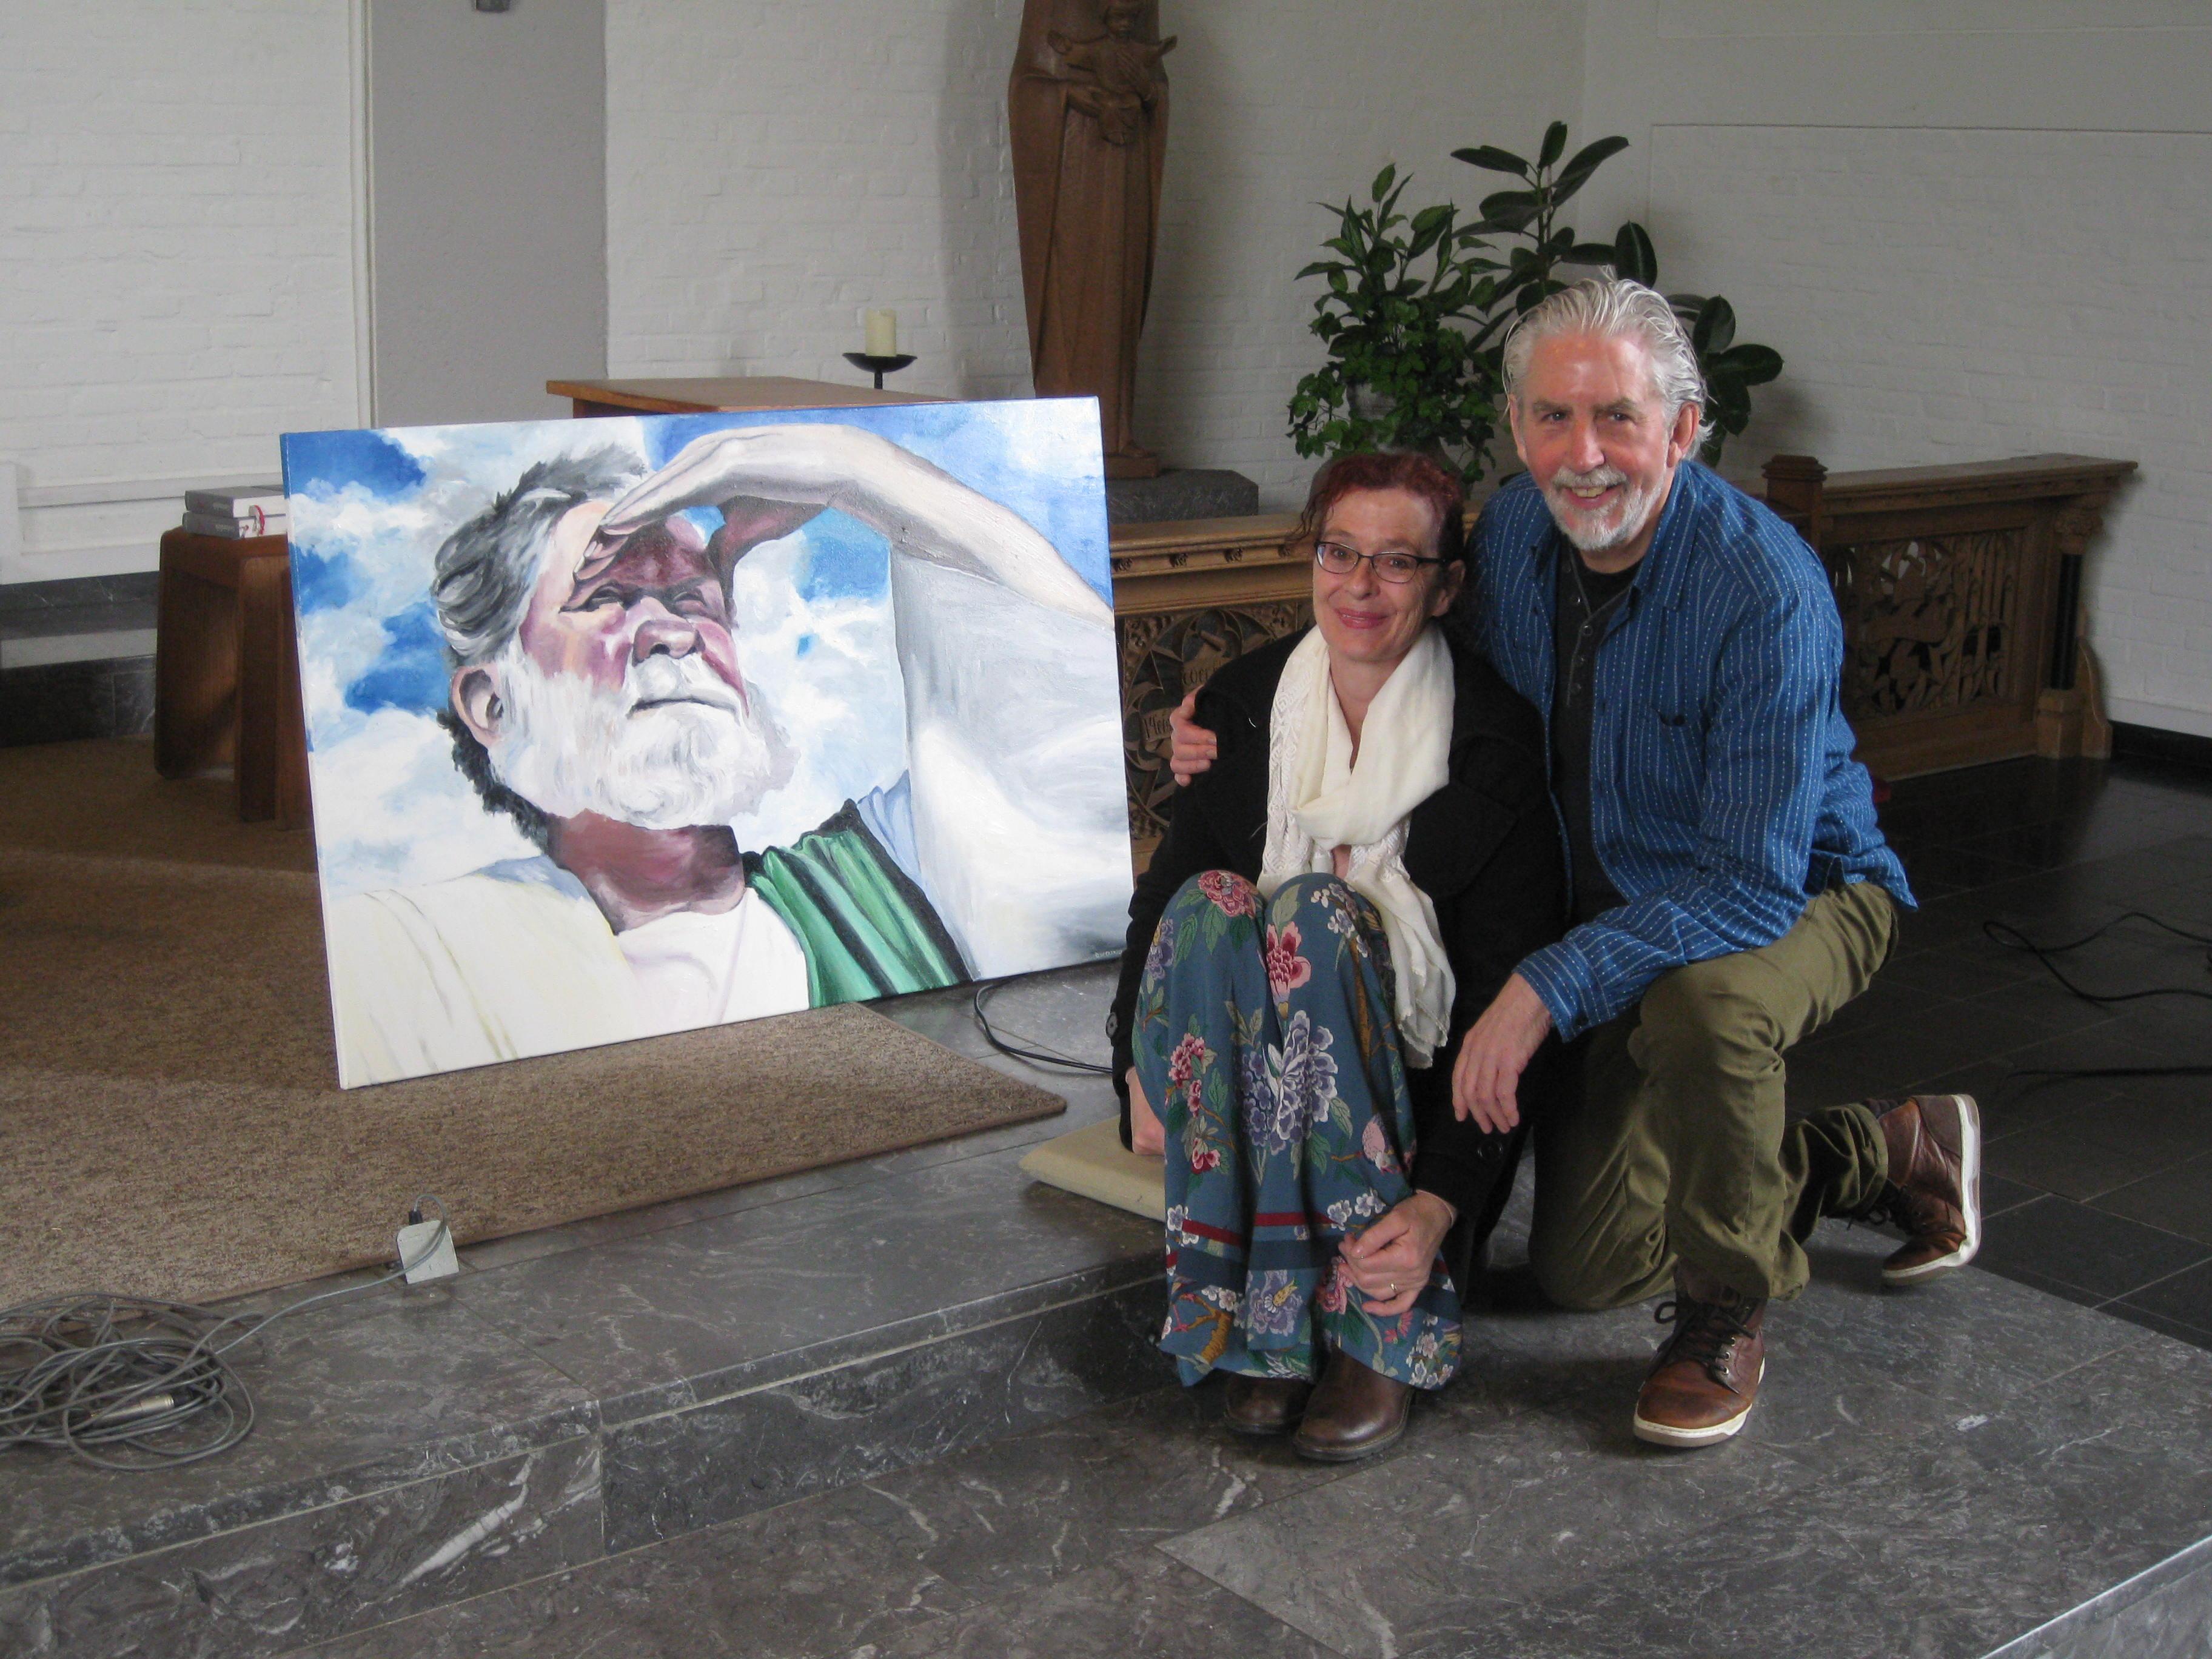 Rückblick Vaterherz Seminar, St. Hubertus in Süsterseel, 15. und 16. März 2019